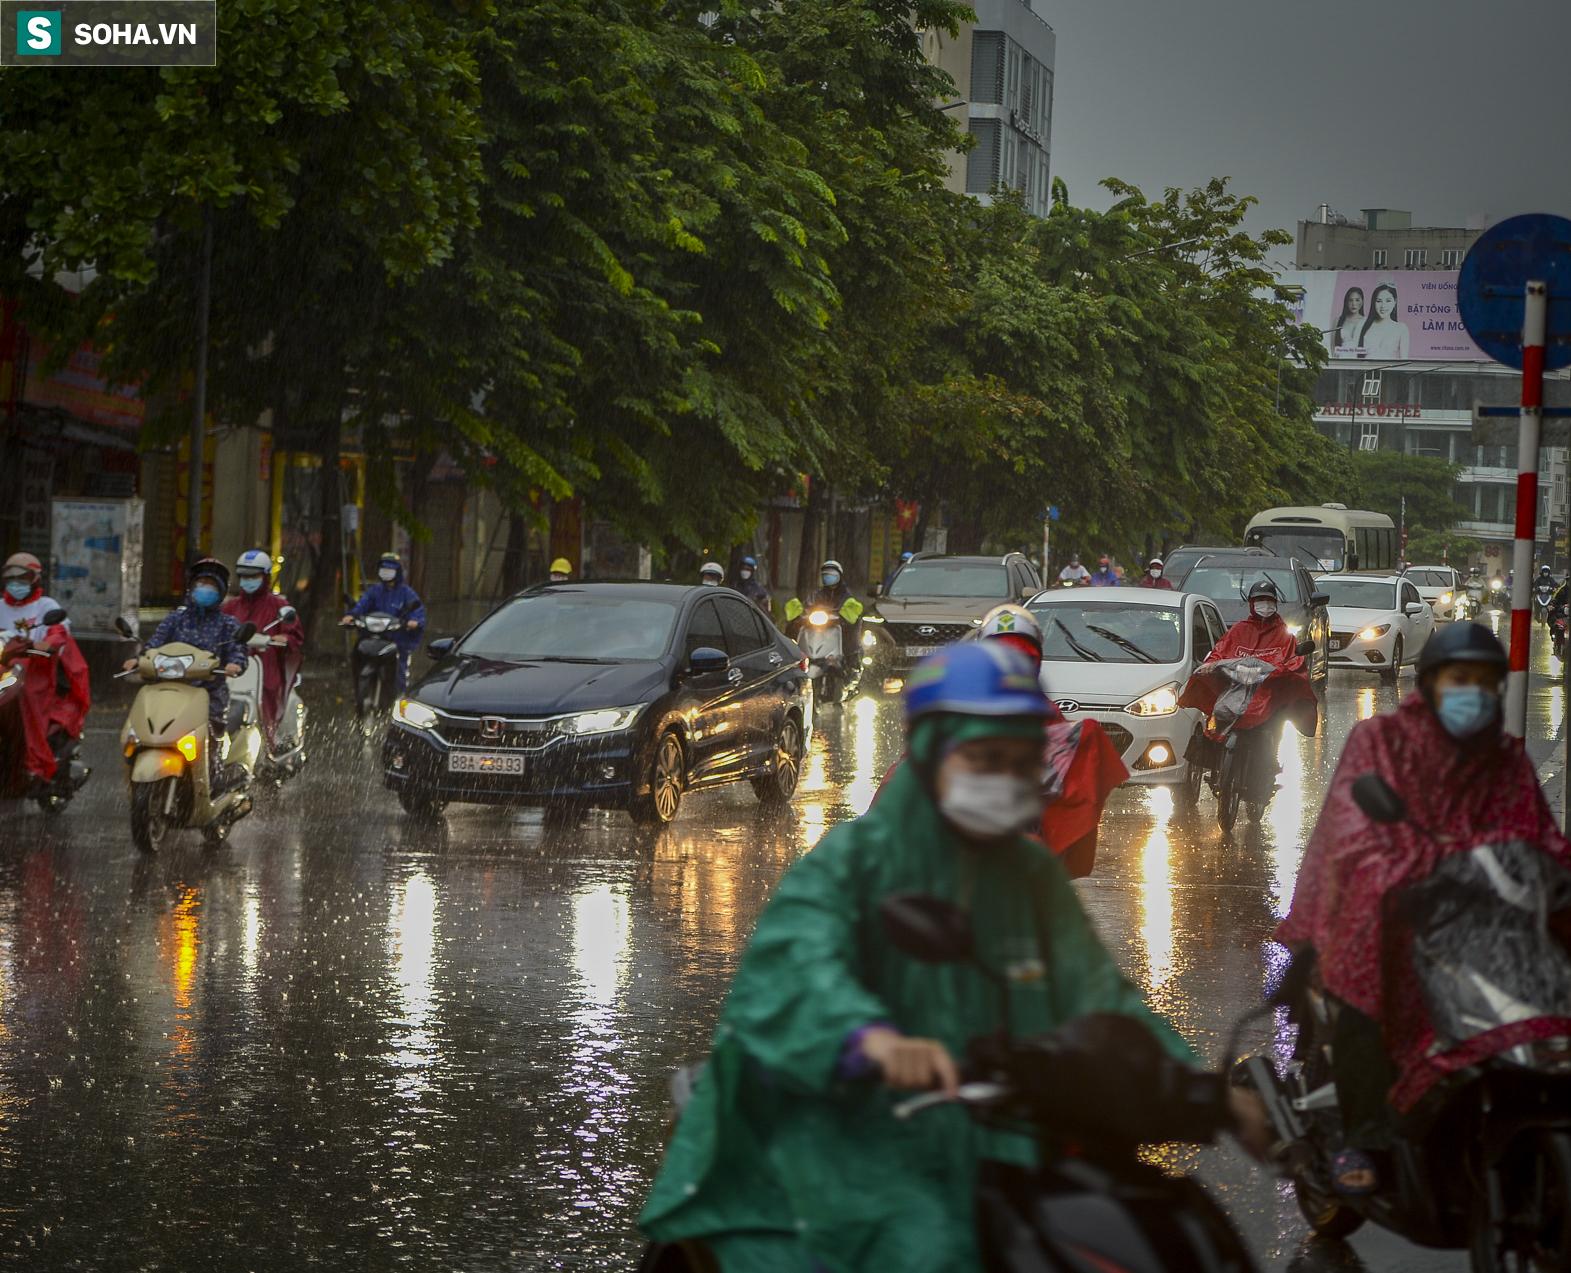 Hà Nội: Trận mưa rào lúc 8h sáng khiến trời tối sầm, nhiều phương tiện phải bật đèn để di chuyển - Ảnh 6.